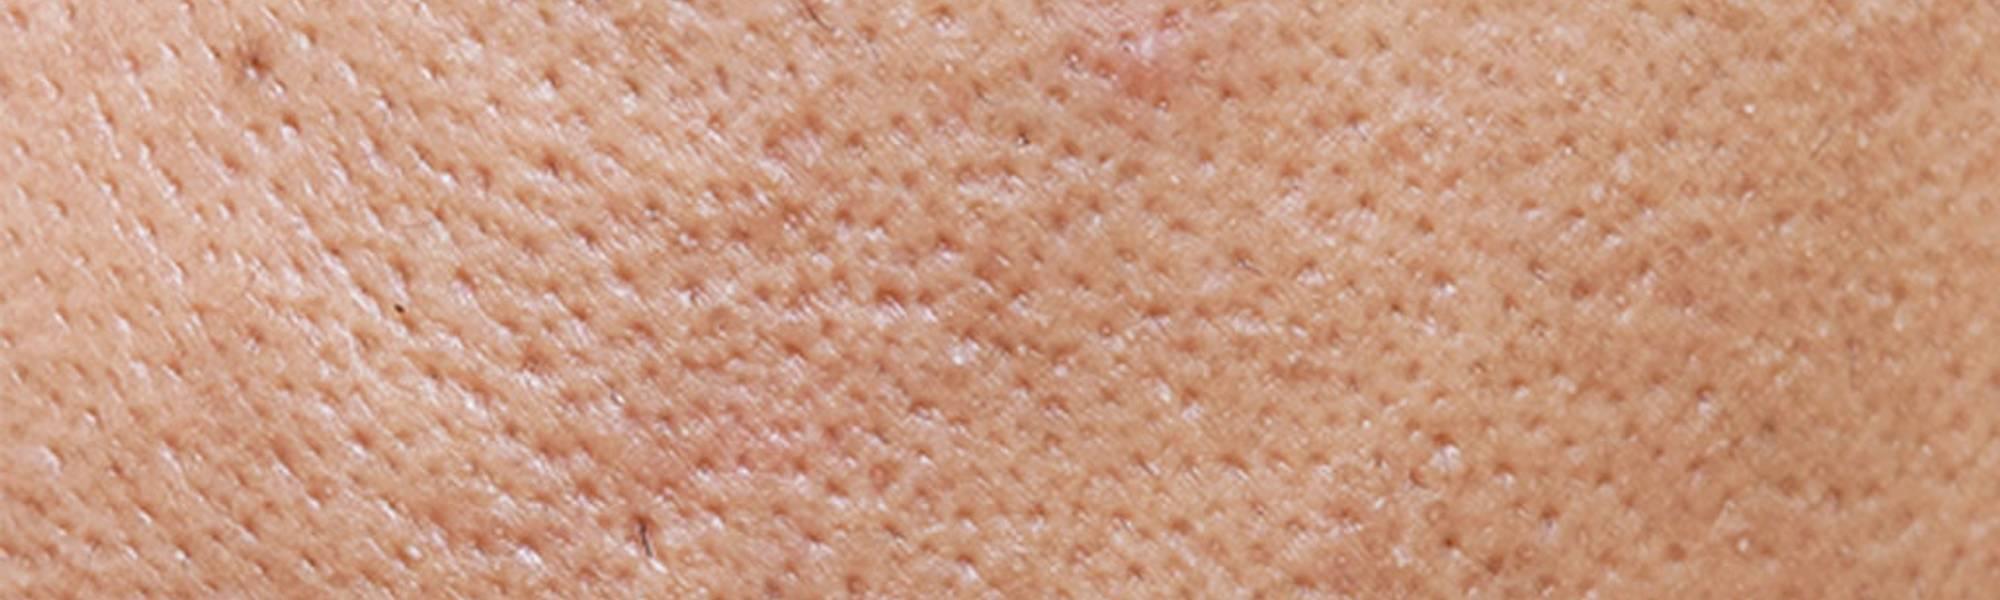 Larocheposay ArtikelSide uren hud Sådan slipper du af hudorme